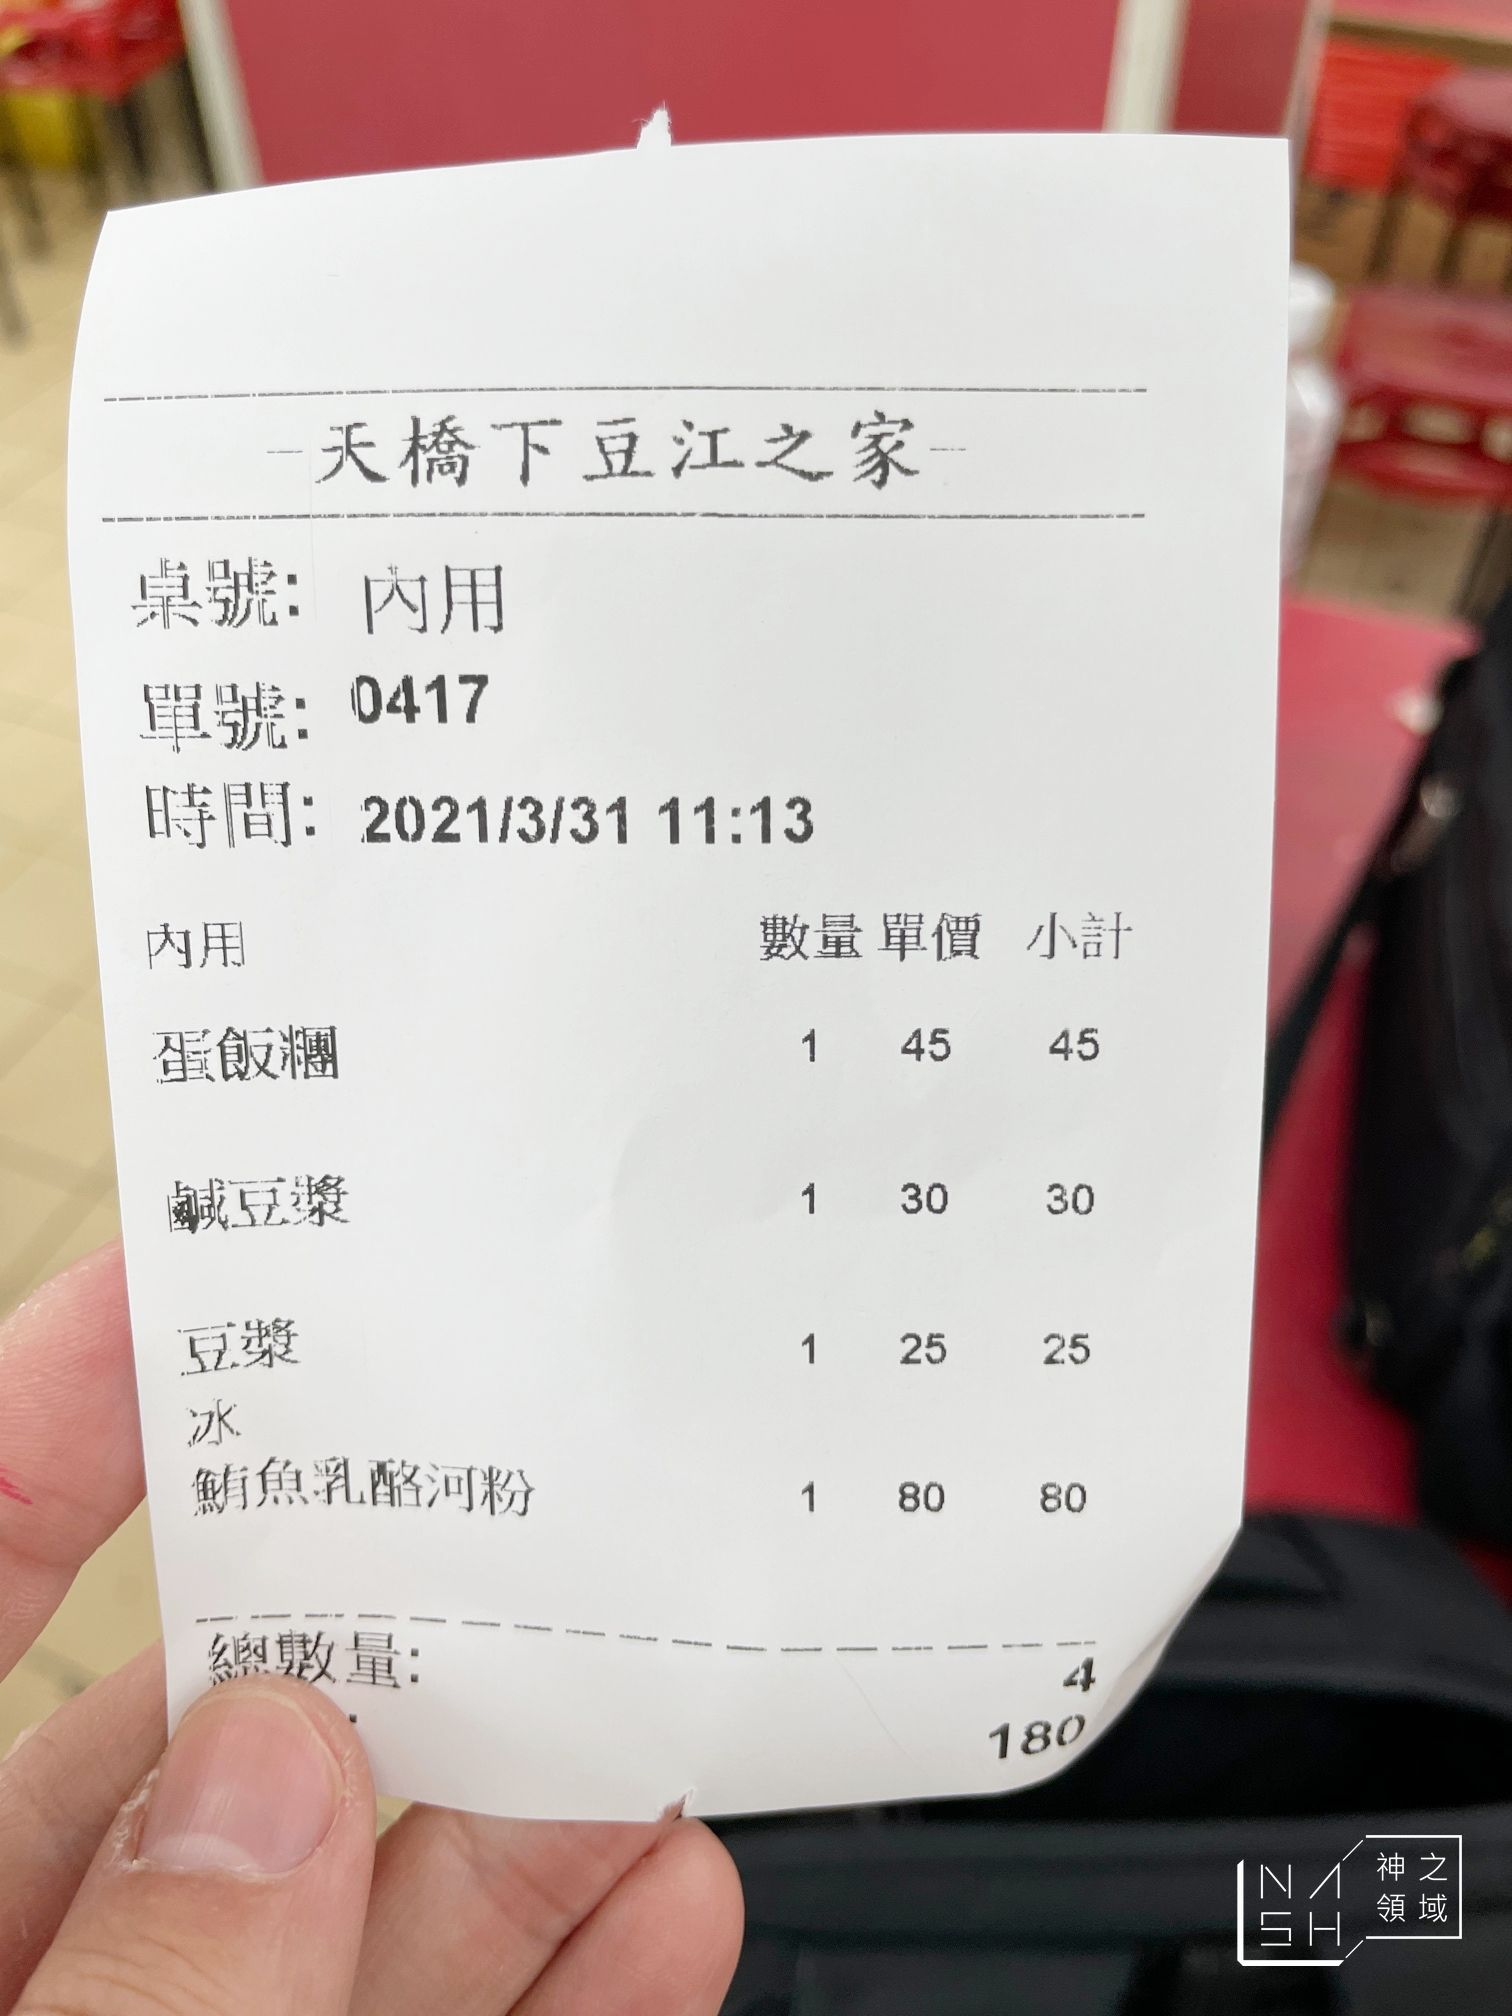 台北早餐,天橋下豆江之家,豆江之家,永春美食,台北早餐懶人包,台北蛋餅懶人包